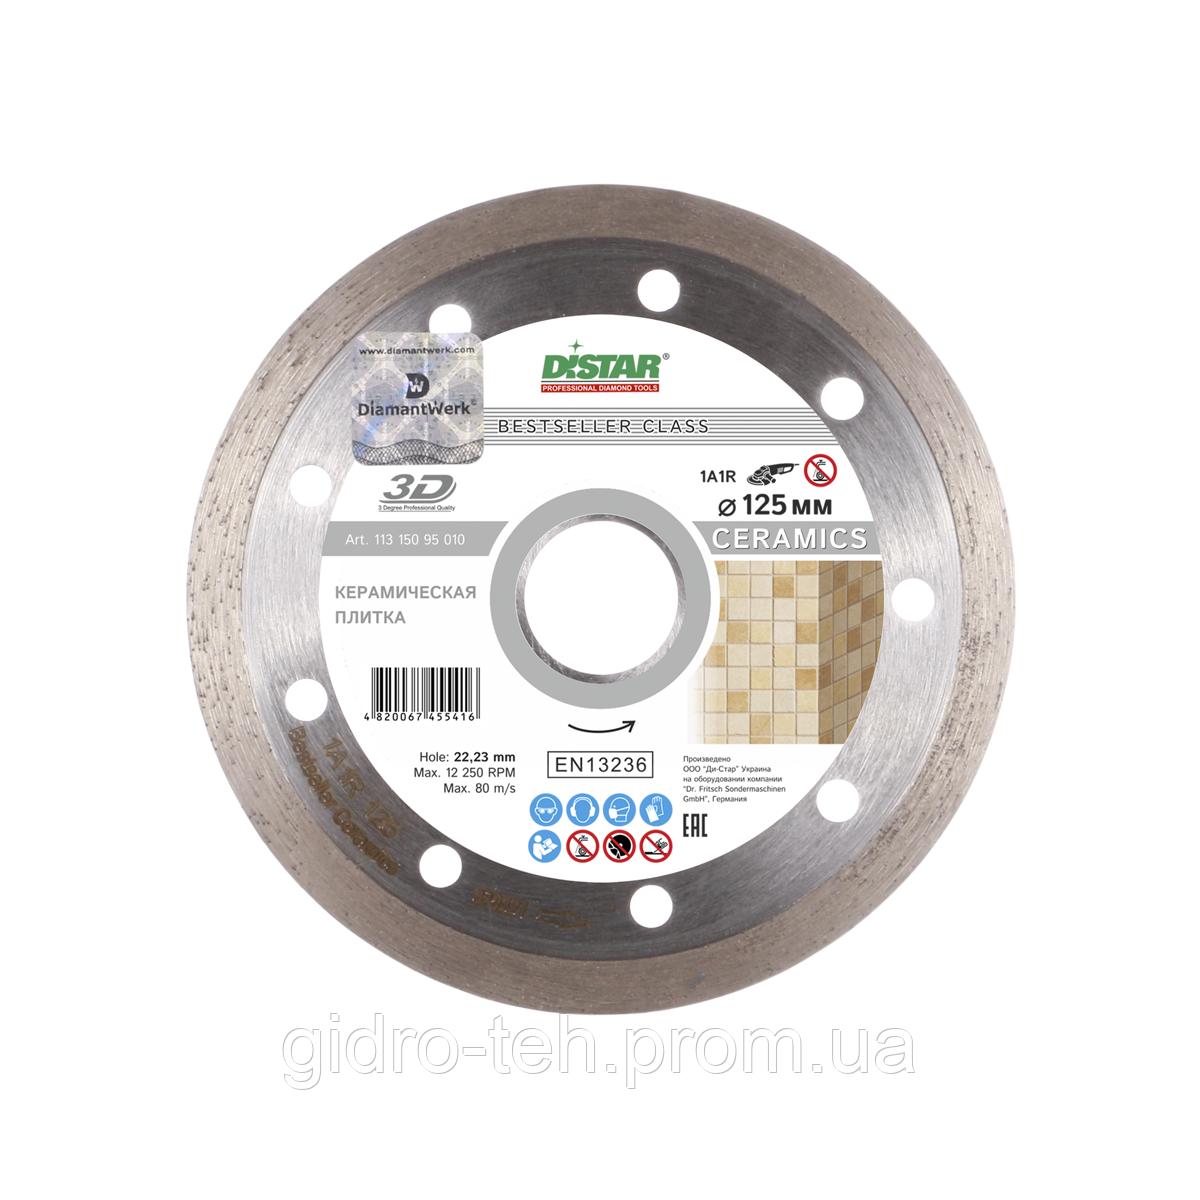 Алмазный отрезной диск по керамике Distar Bestseller Ceramics 125x22,23 - Инженерная компания Гидро-Тех в Харькове